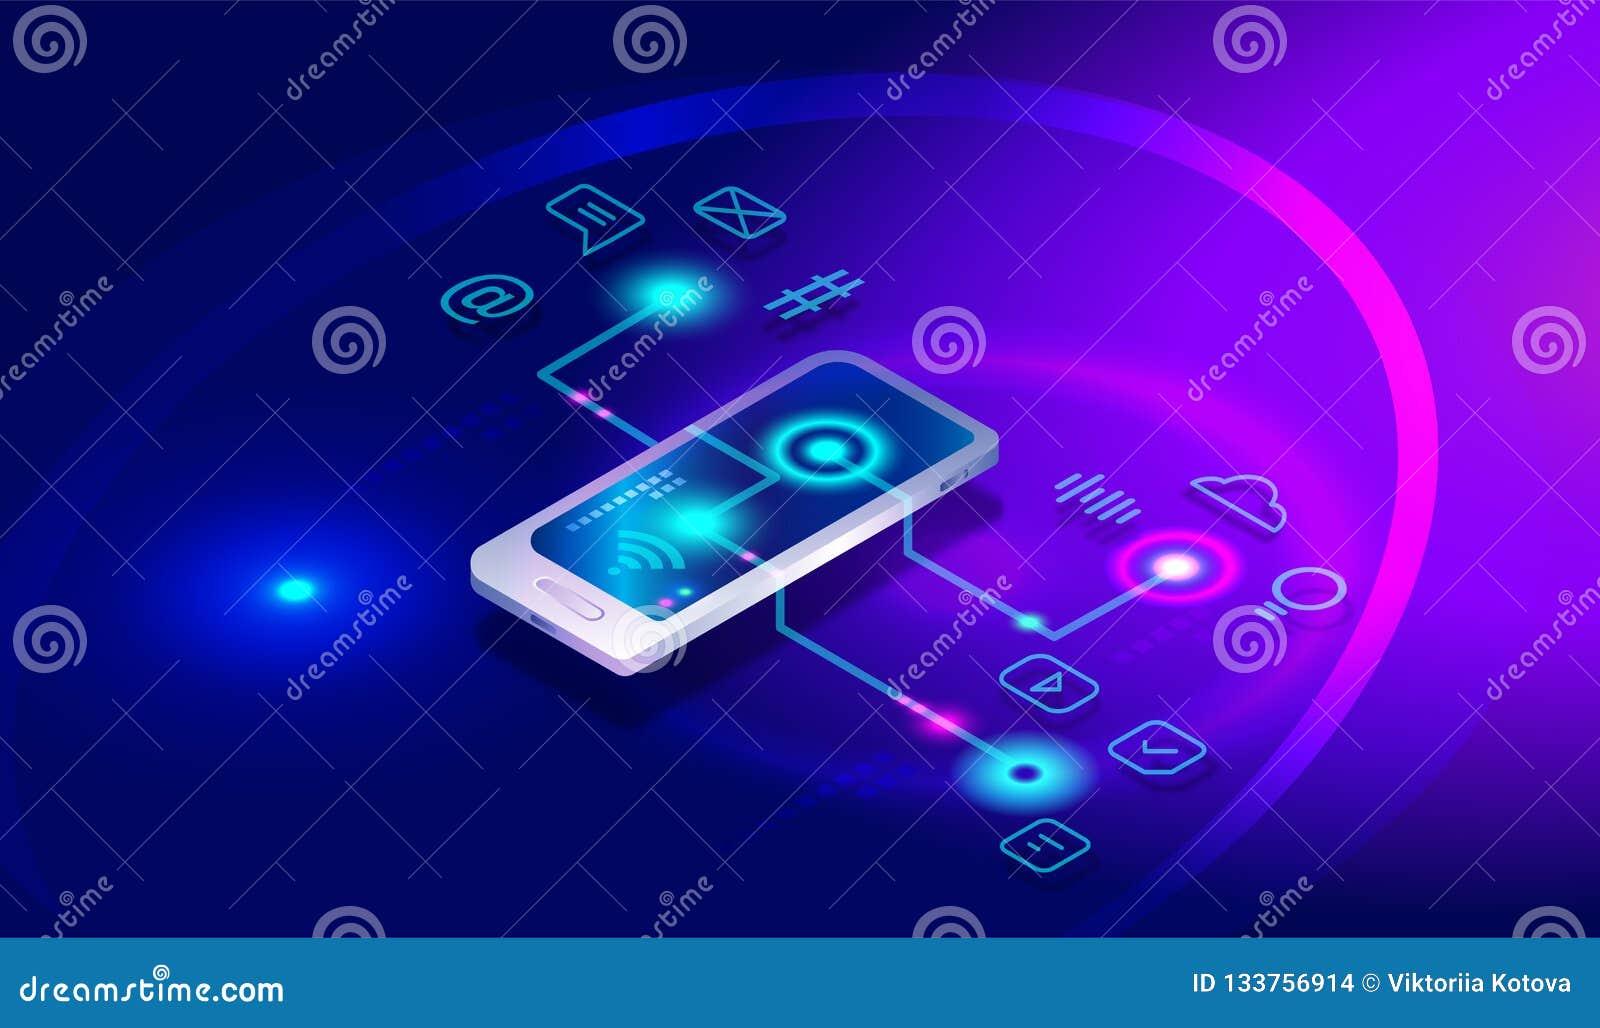 Isometrisk smartphone med olika applikationer, apps, on-line service, programvara Isometrisk smartphone, mobiltelefon, bankrörels